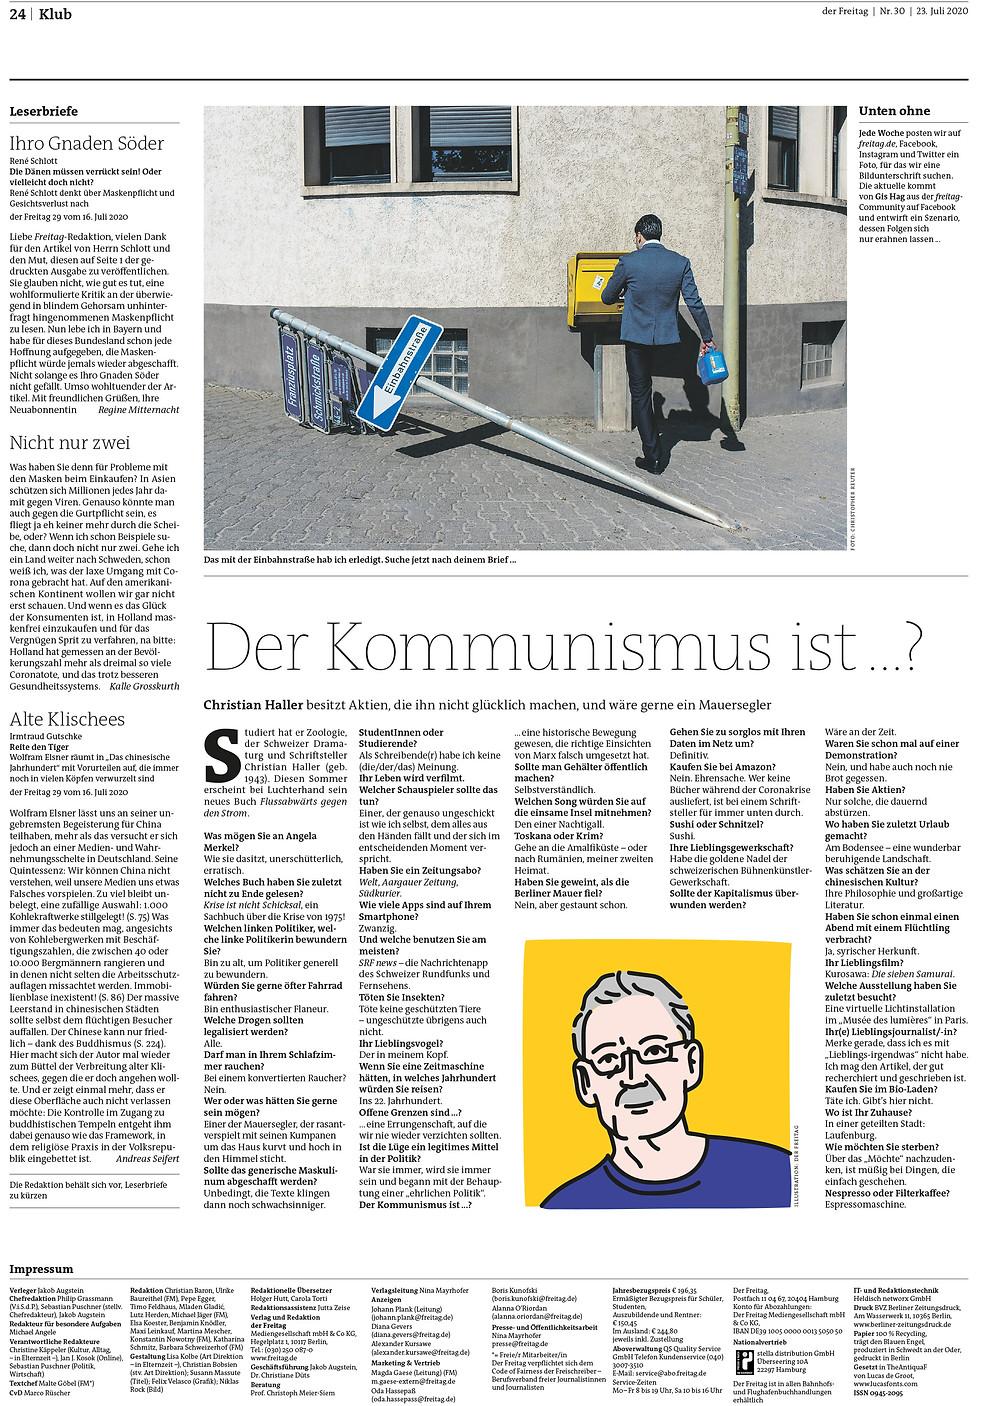 der Freitag Magazin. Kultur - Streetfotografie Deutschland - Streetphotography - Christopher Reuter - Mann ohne Bein - Juxtaposition -Candid Streetphotography